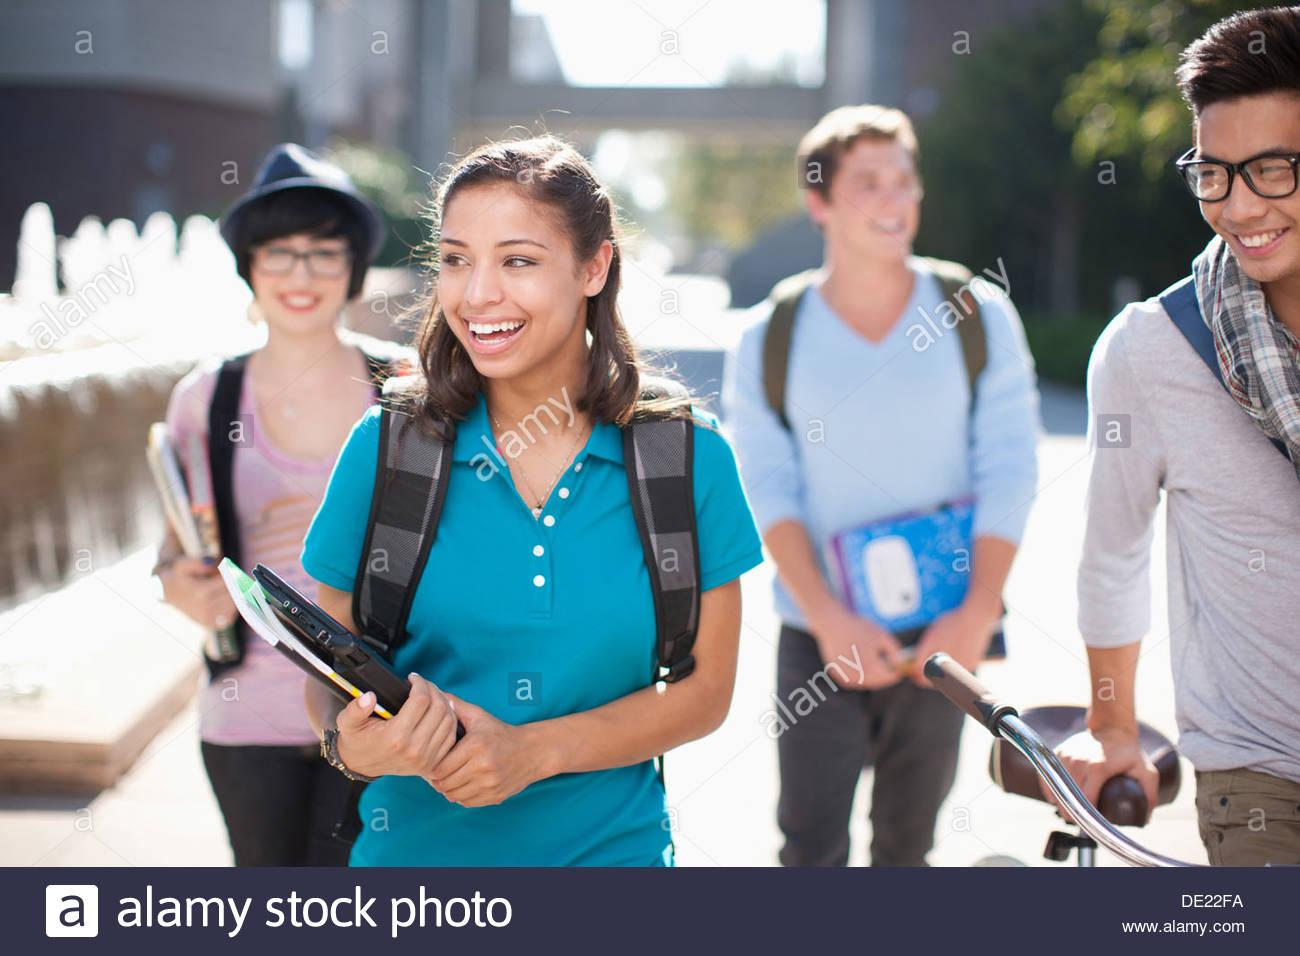 Los estudiantes caminando juntos al aire libre Imagen De Stock